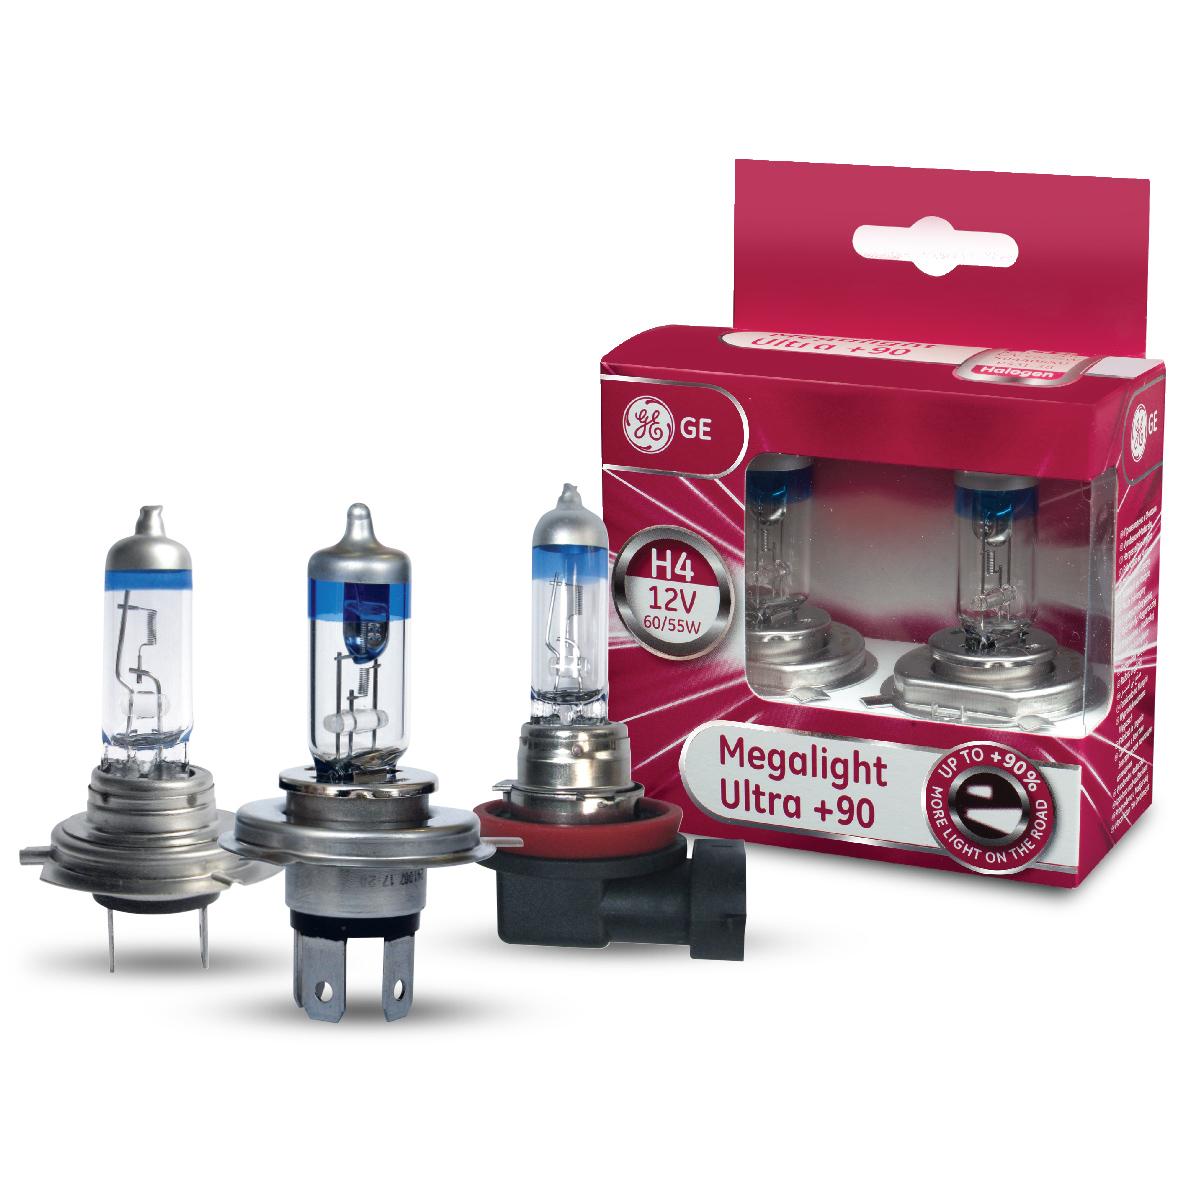 Autožárovky s vyšší svítivostí GE Megalight Ultra +90%